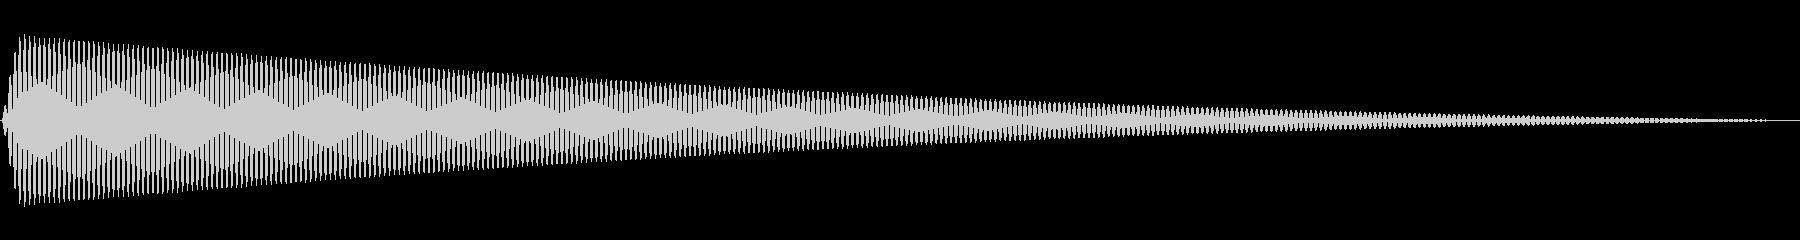 【ピッ】シンプルな選択音の未再生の波形